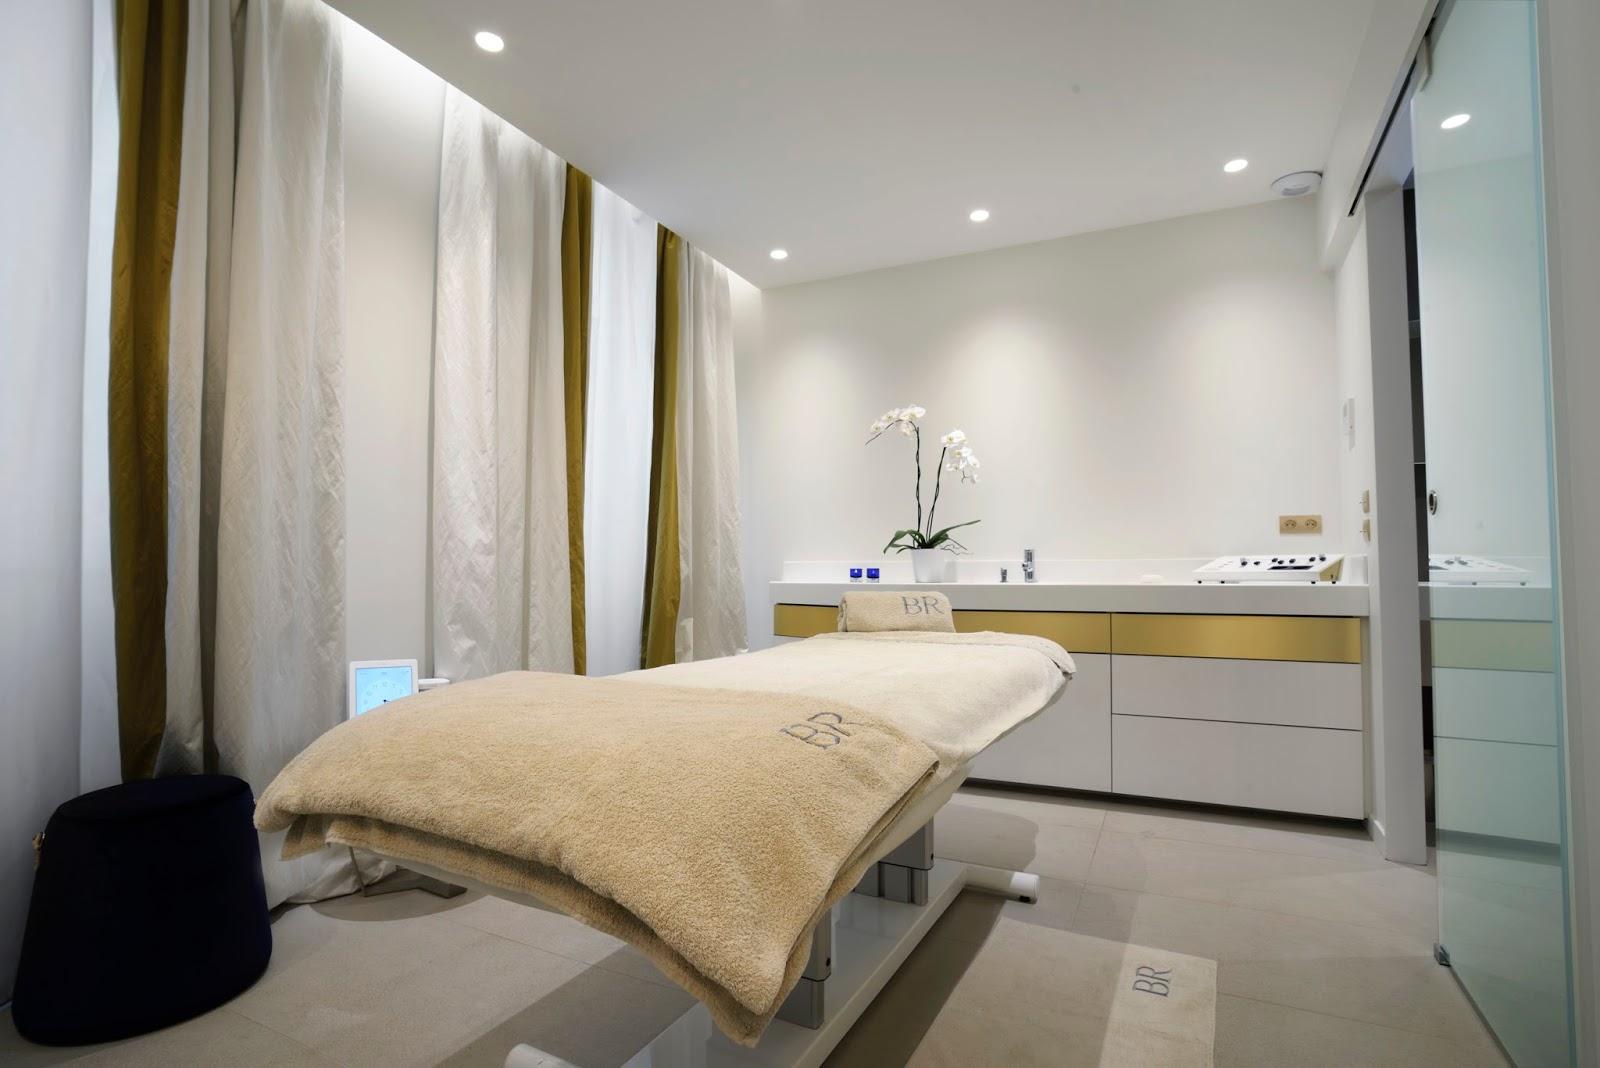 biologique recherche luxury facial lemonaid lies. Black Bedroom Furniture Sets. Home Design Ideas